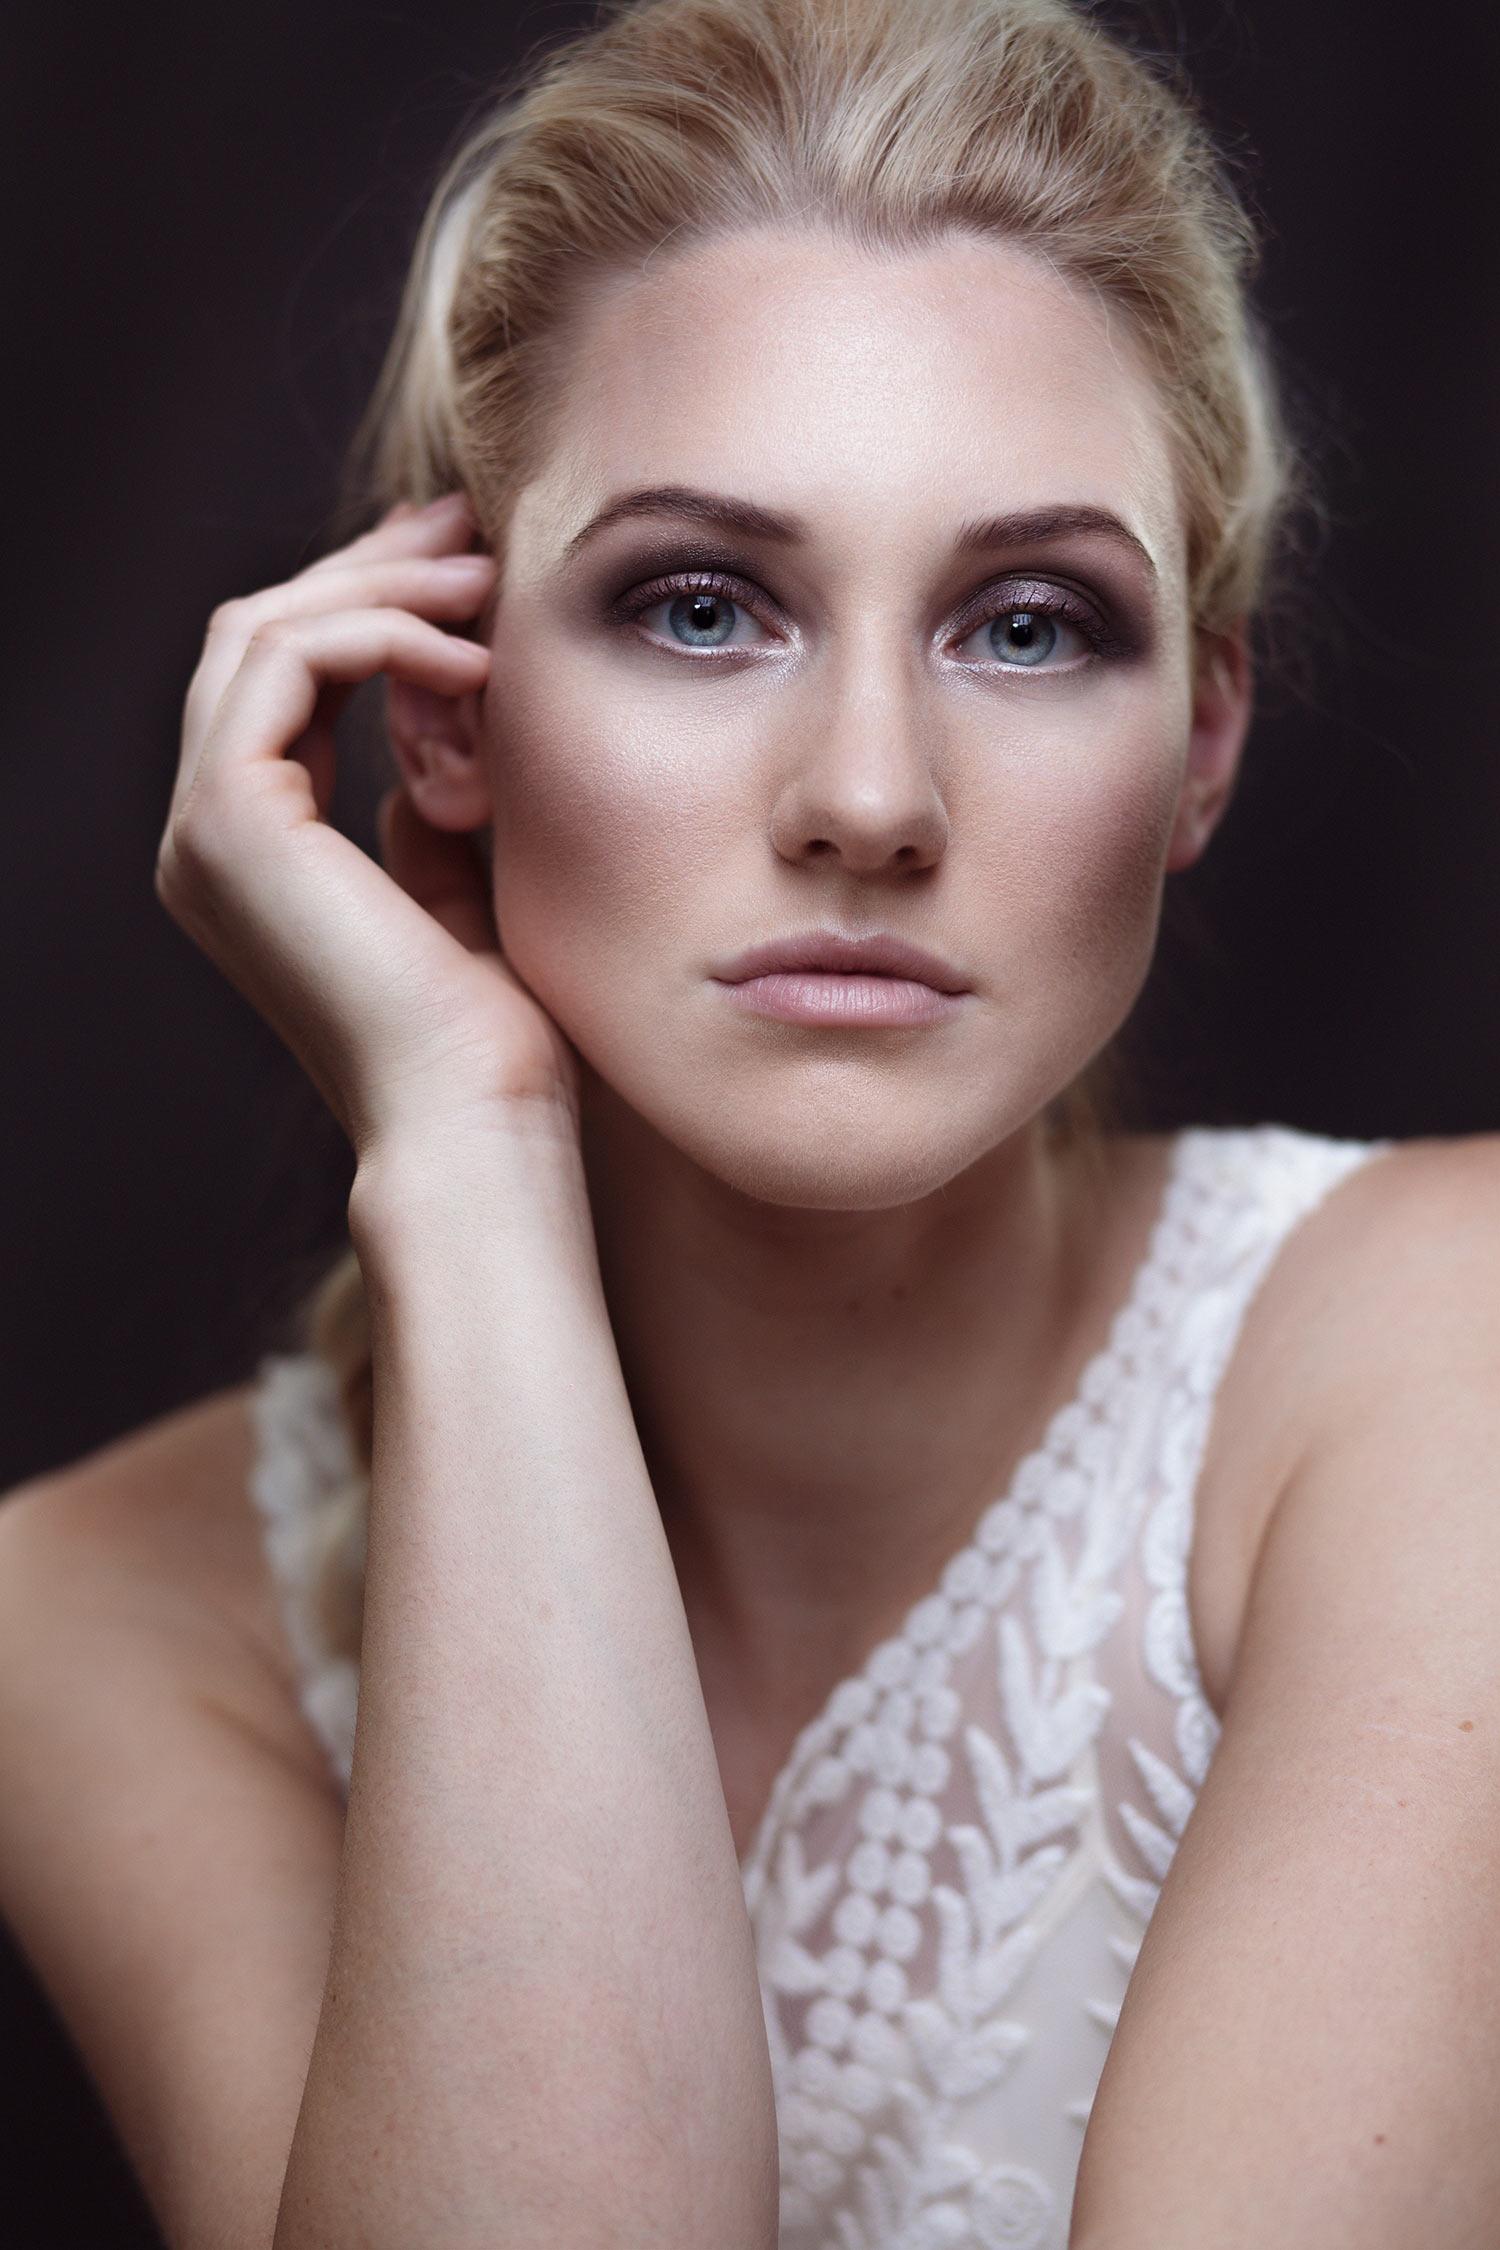 beauty-portrait-woman-blonde